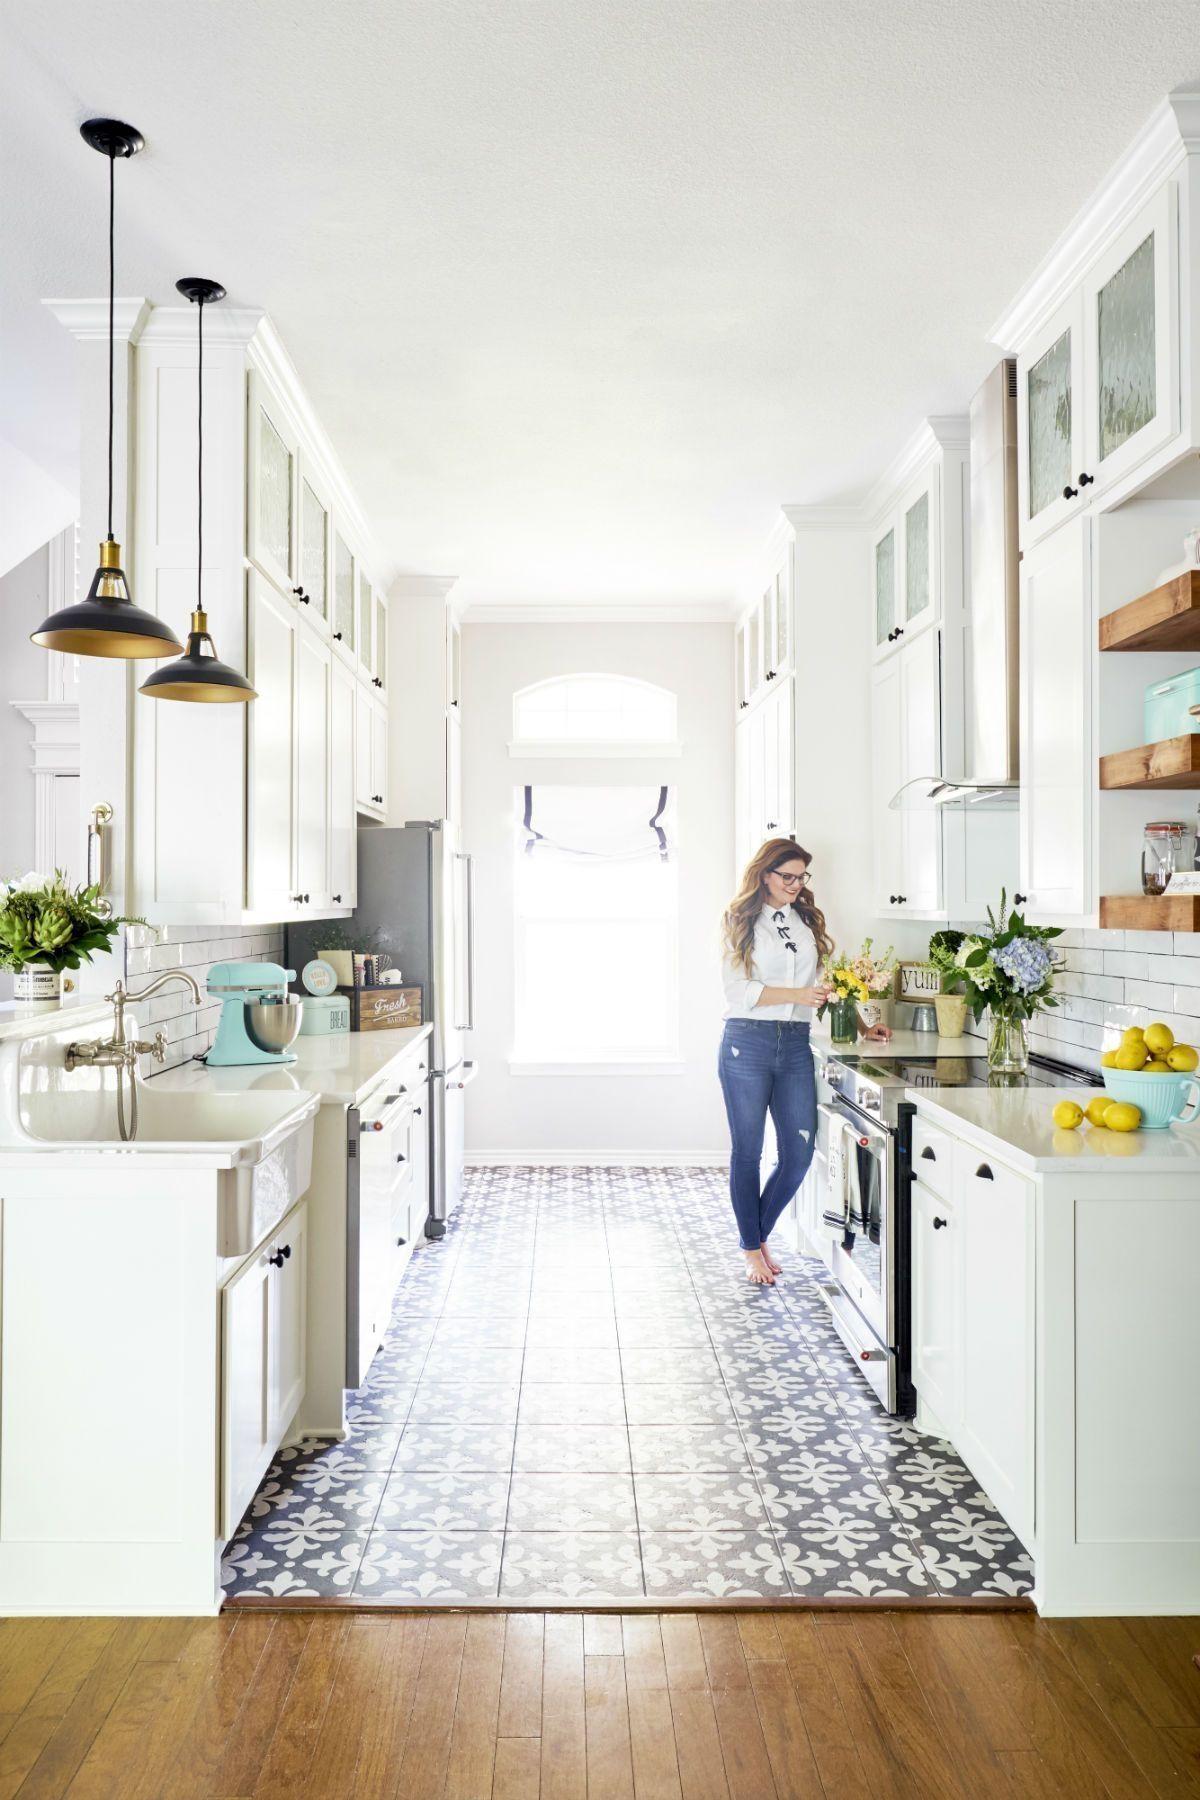 51 Unordinary Retro Galley Kitchen Design Ideas In 2020 Kitchen Design Small Kitchen Designs Layout Kitchen Layout